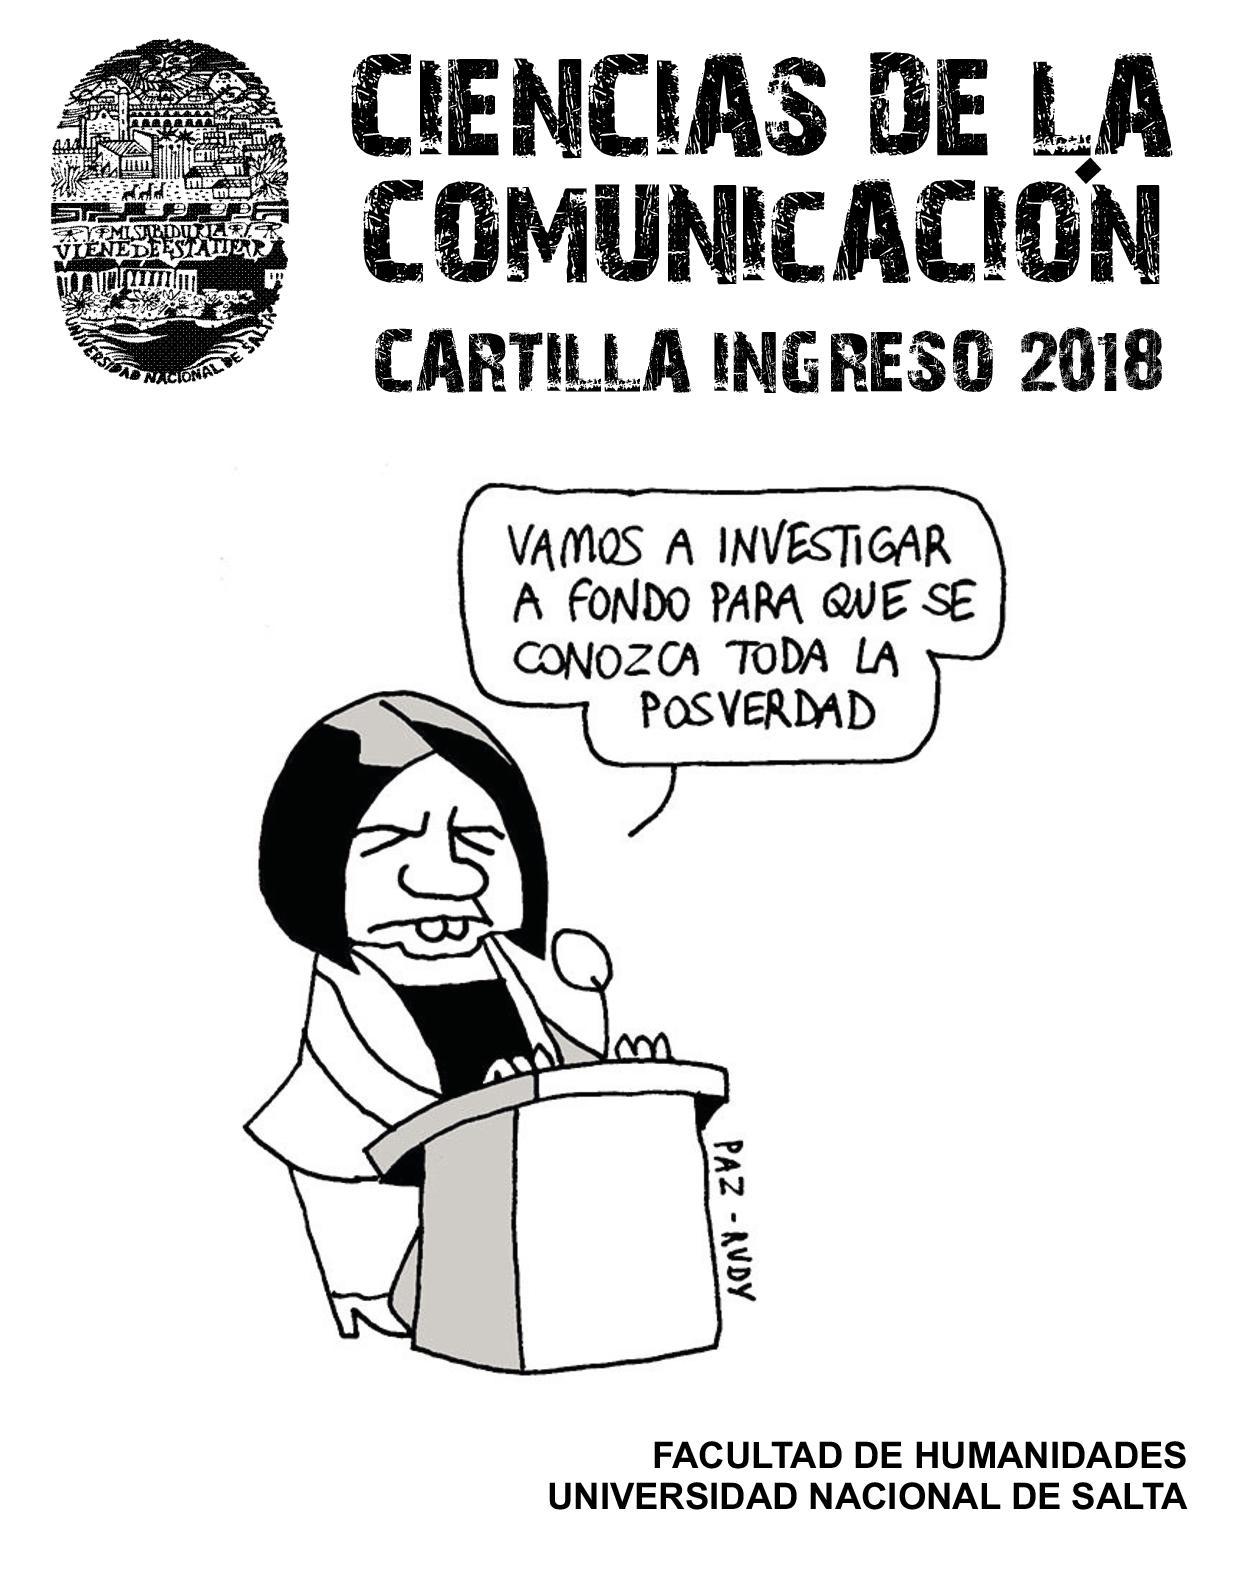 Cartilla Ccom2018 Con Programa